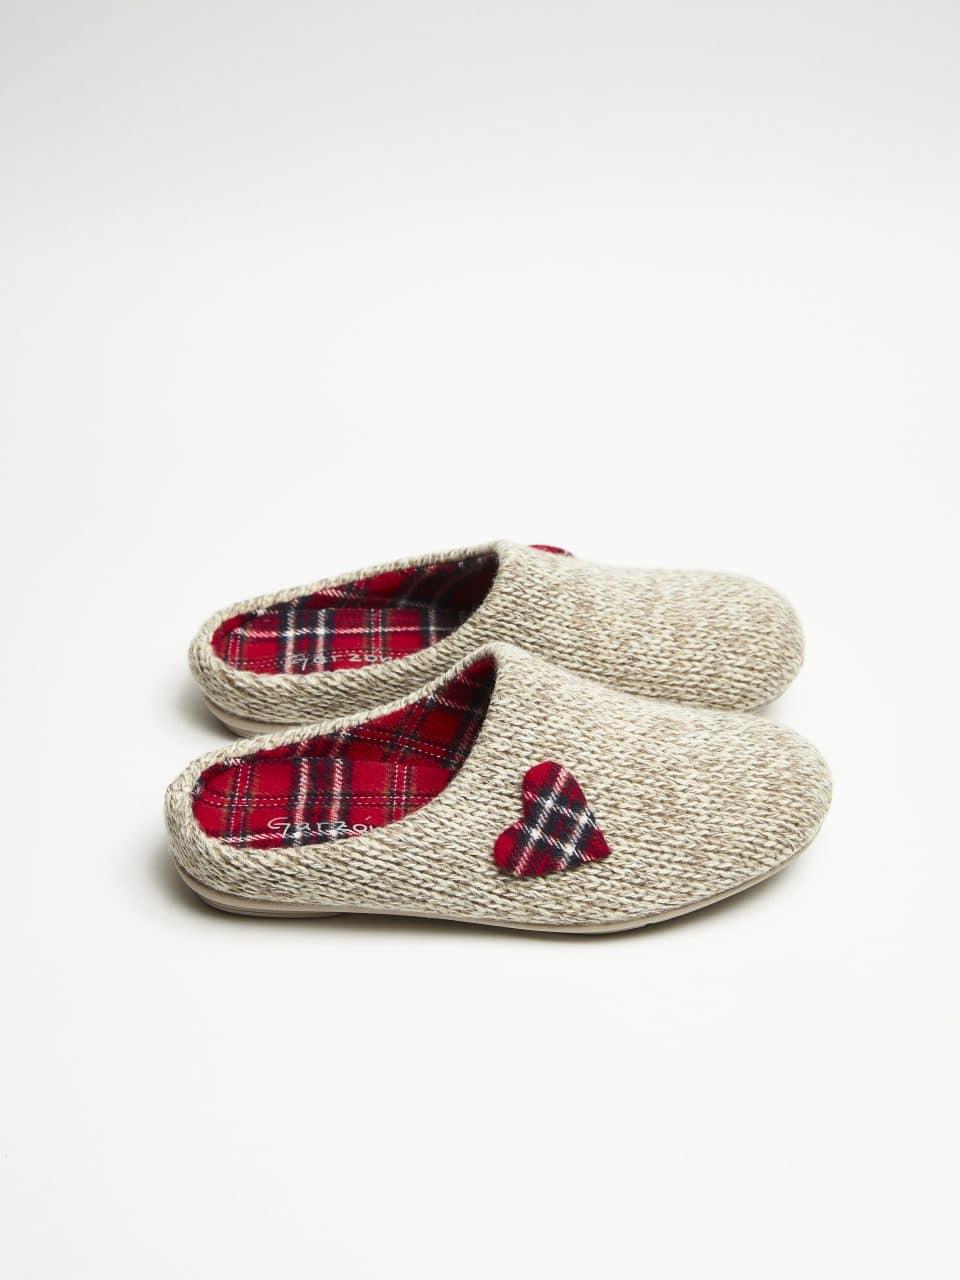 LANA ROMA ARENA Garzón en Loyna Shoes